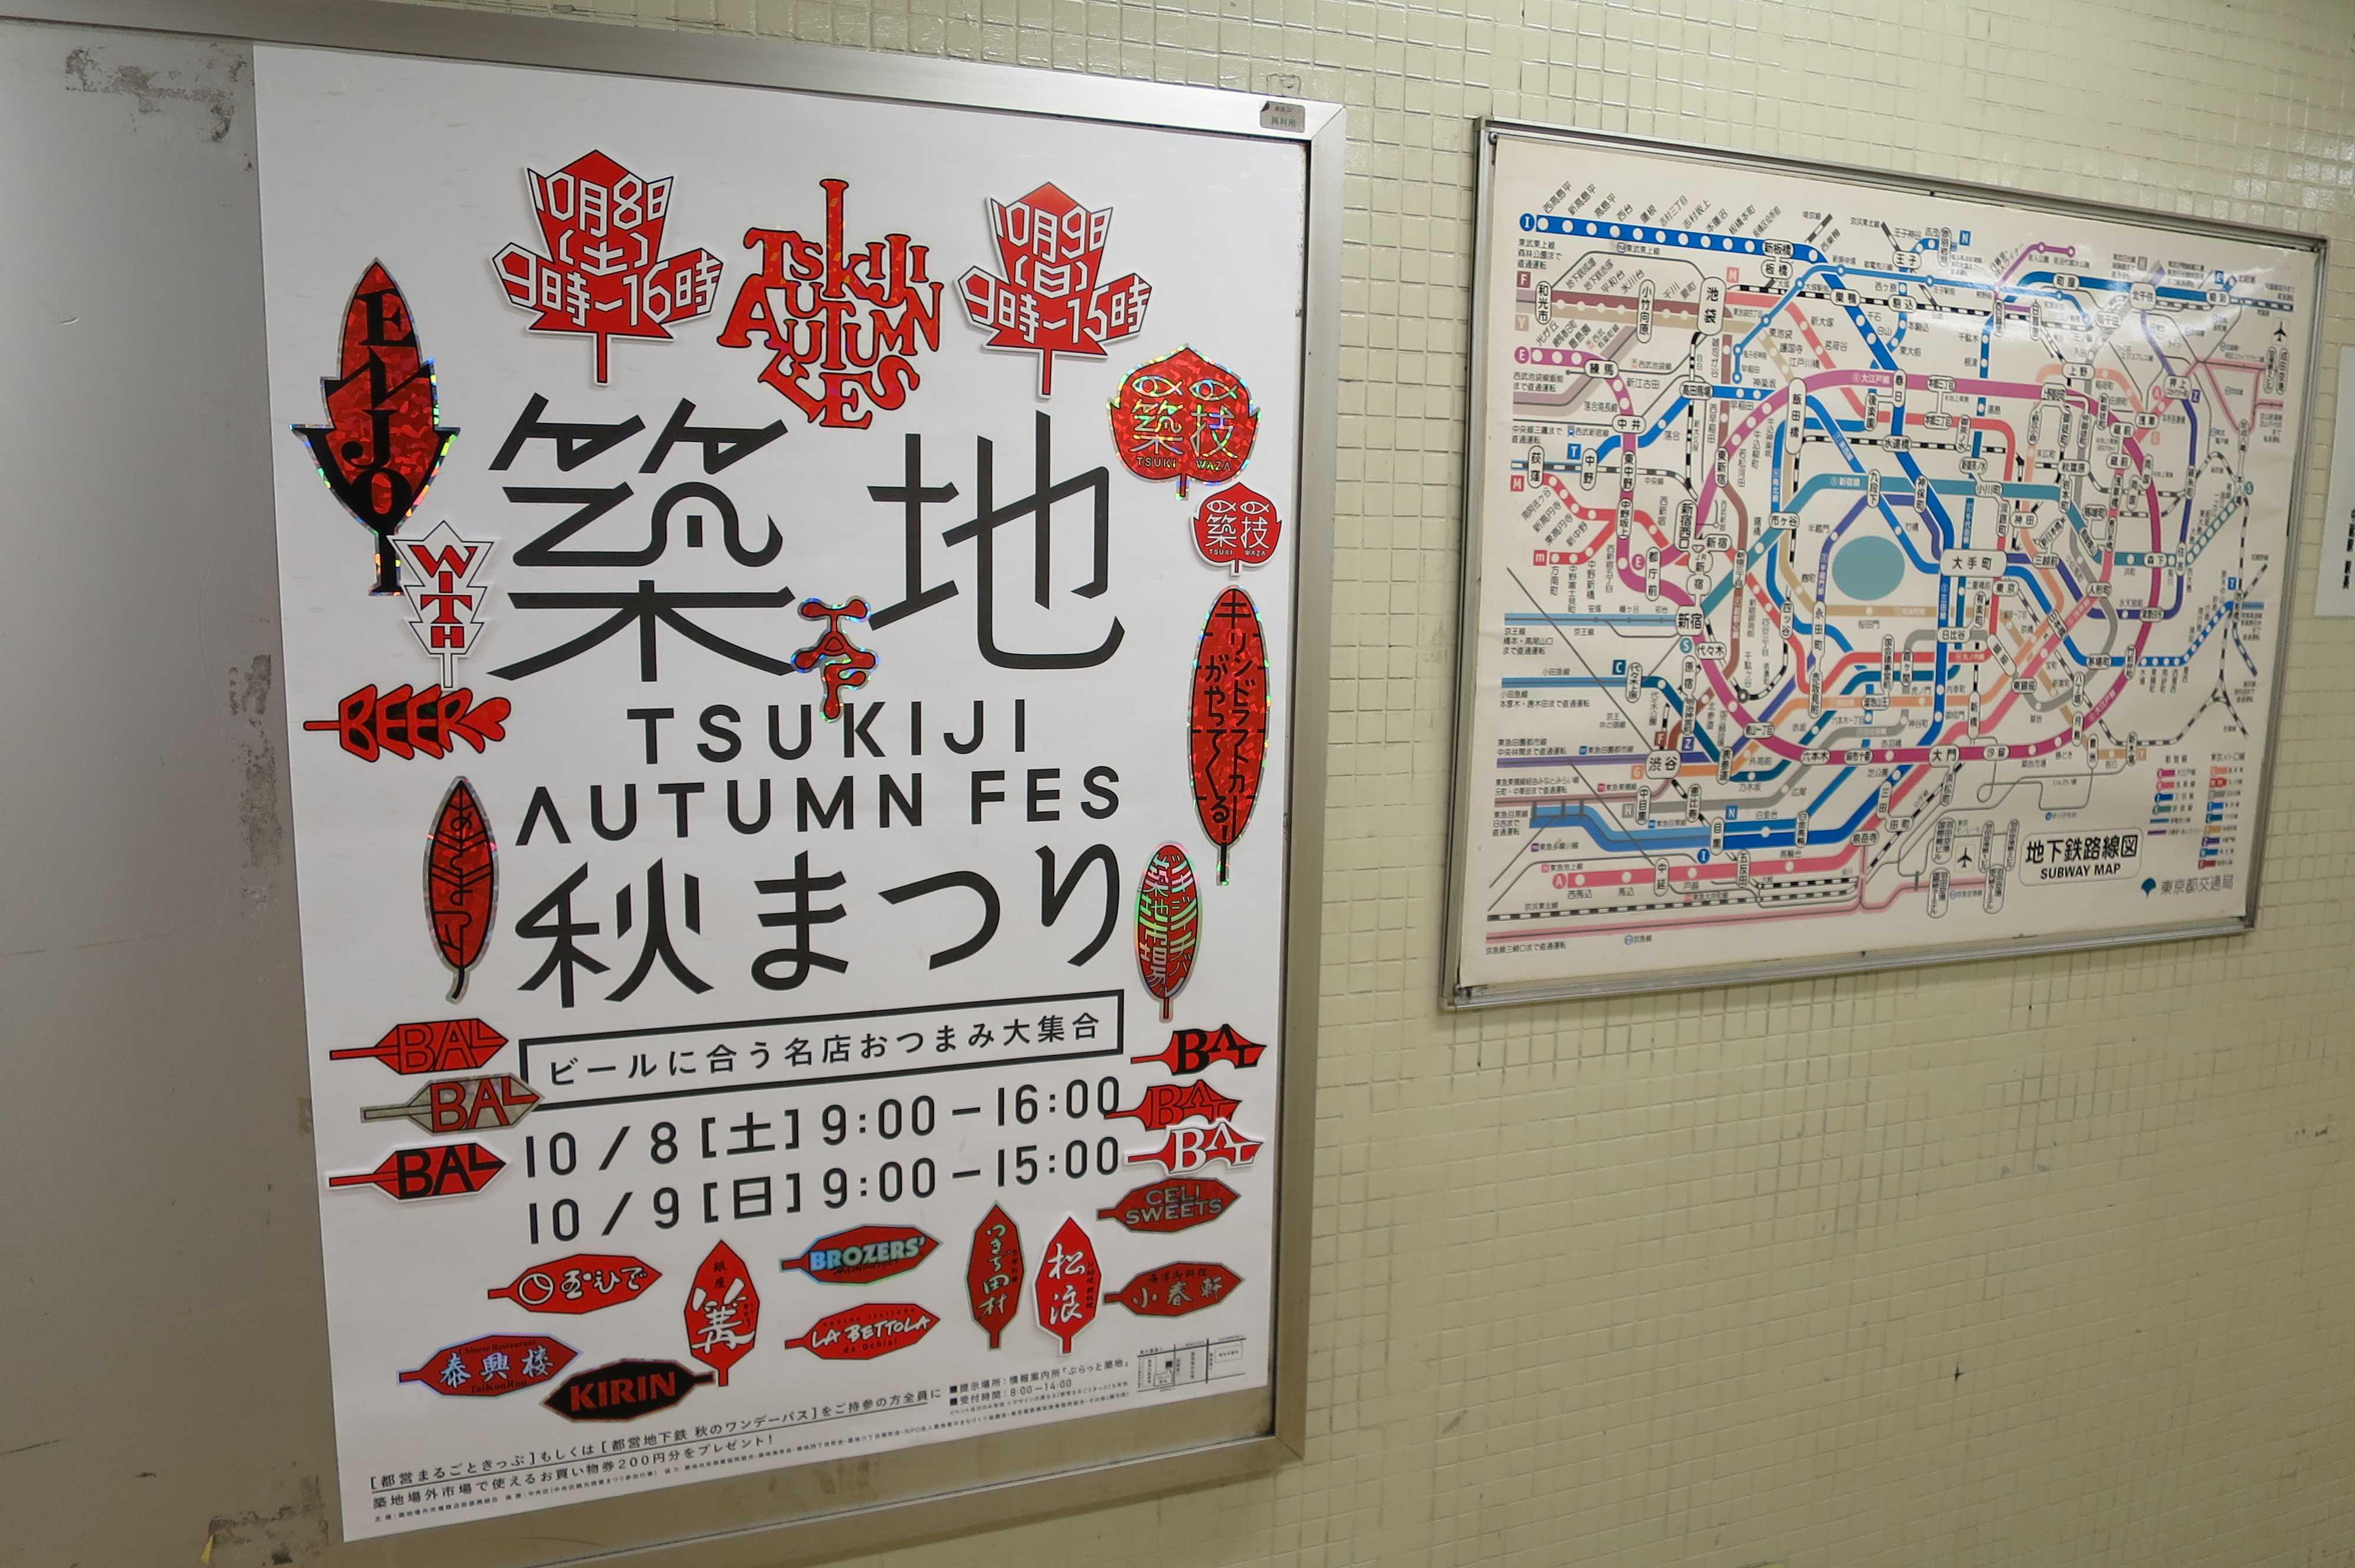 「築地 秋まつり」のポスター